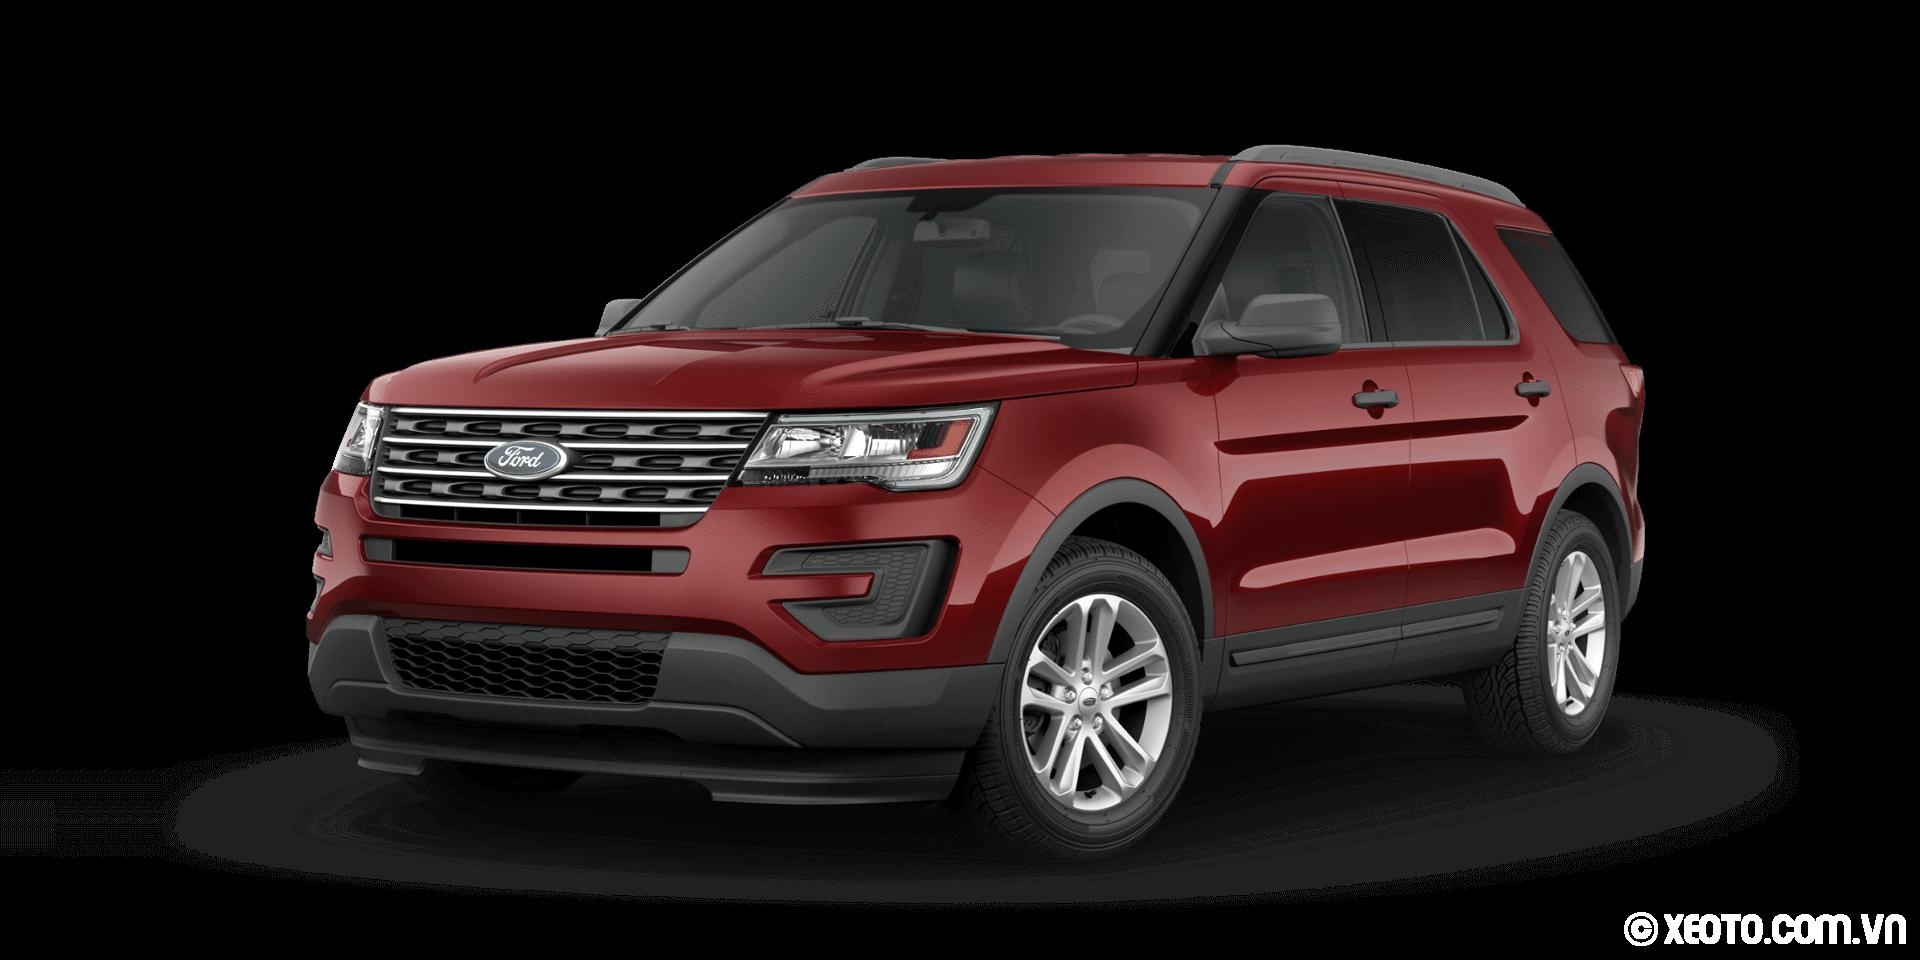 """/>Trong cùng phân khúc, có rất nhiều đối thủ cùng sở hữu không gian nội thất và chỗ duỗi chân của hàng ghế thứ 3 rộng rãi giống như Explorer, thế nhưng Explorer lại khó có thể kiếm được chỗ để xe khi mang trên mình một """"thân hình vạm vỡ"""" hơn những đối thủ khác như Chevrolet Traverse 2016, GMC Acadia 2016, Honda Pilot 2016.<strong>Ngoại thất</strong><img id="""